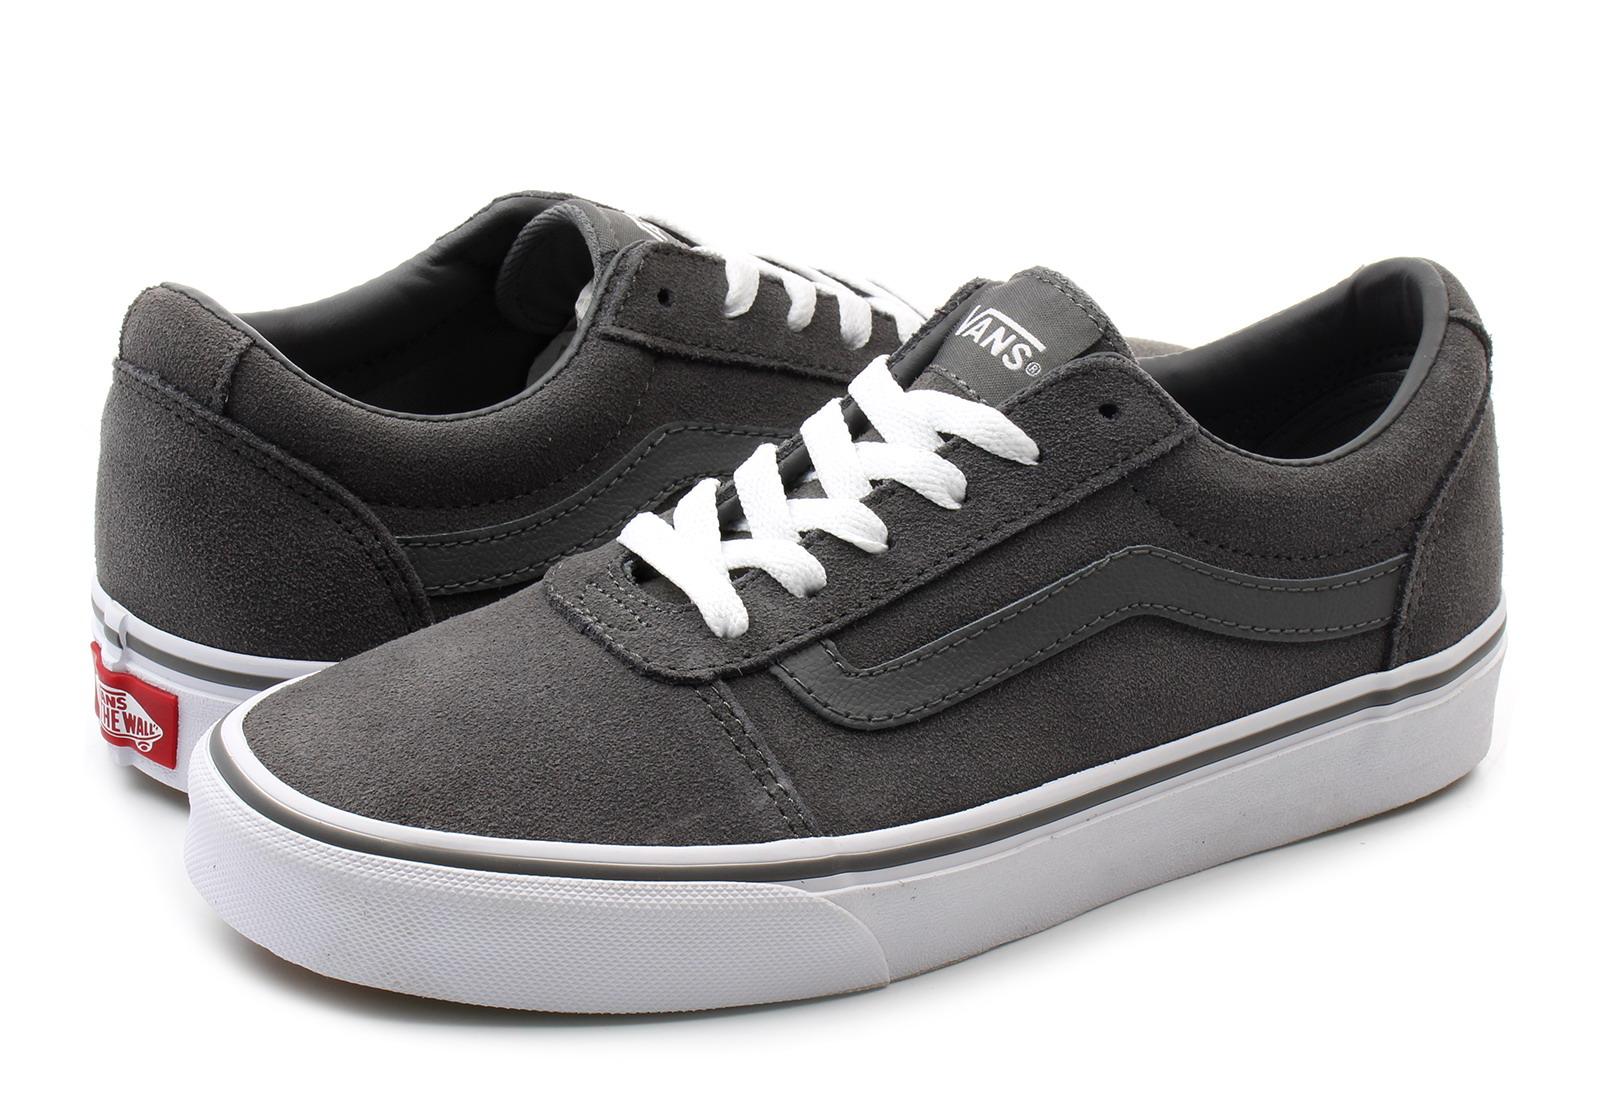 Vans Tornacipő - Ward - VA3IUN794 - Office Shoes Magyarország 209f97960e